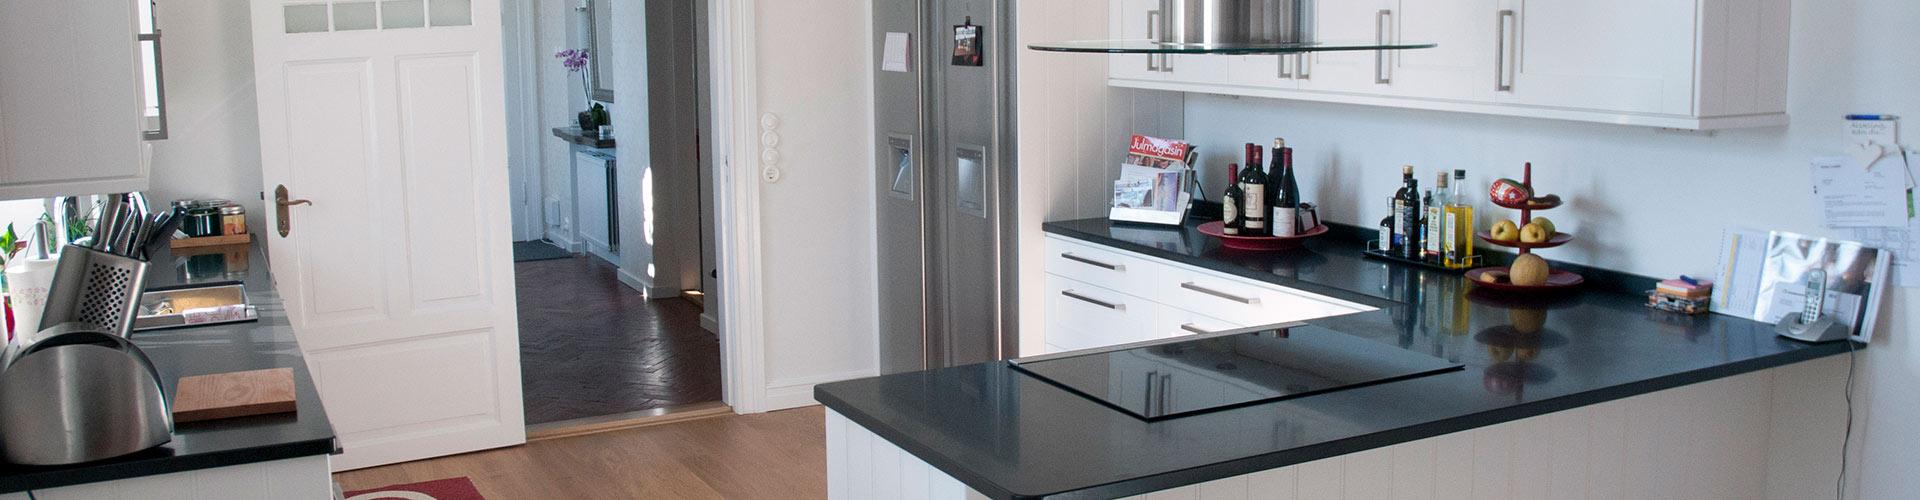 Interiörbild på kök